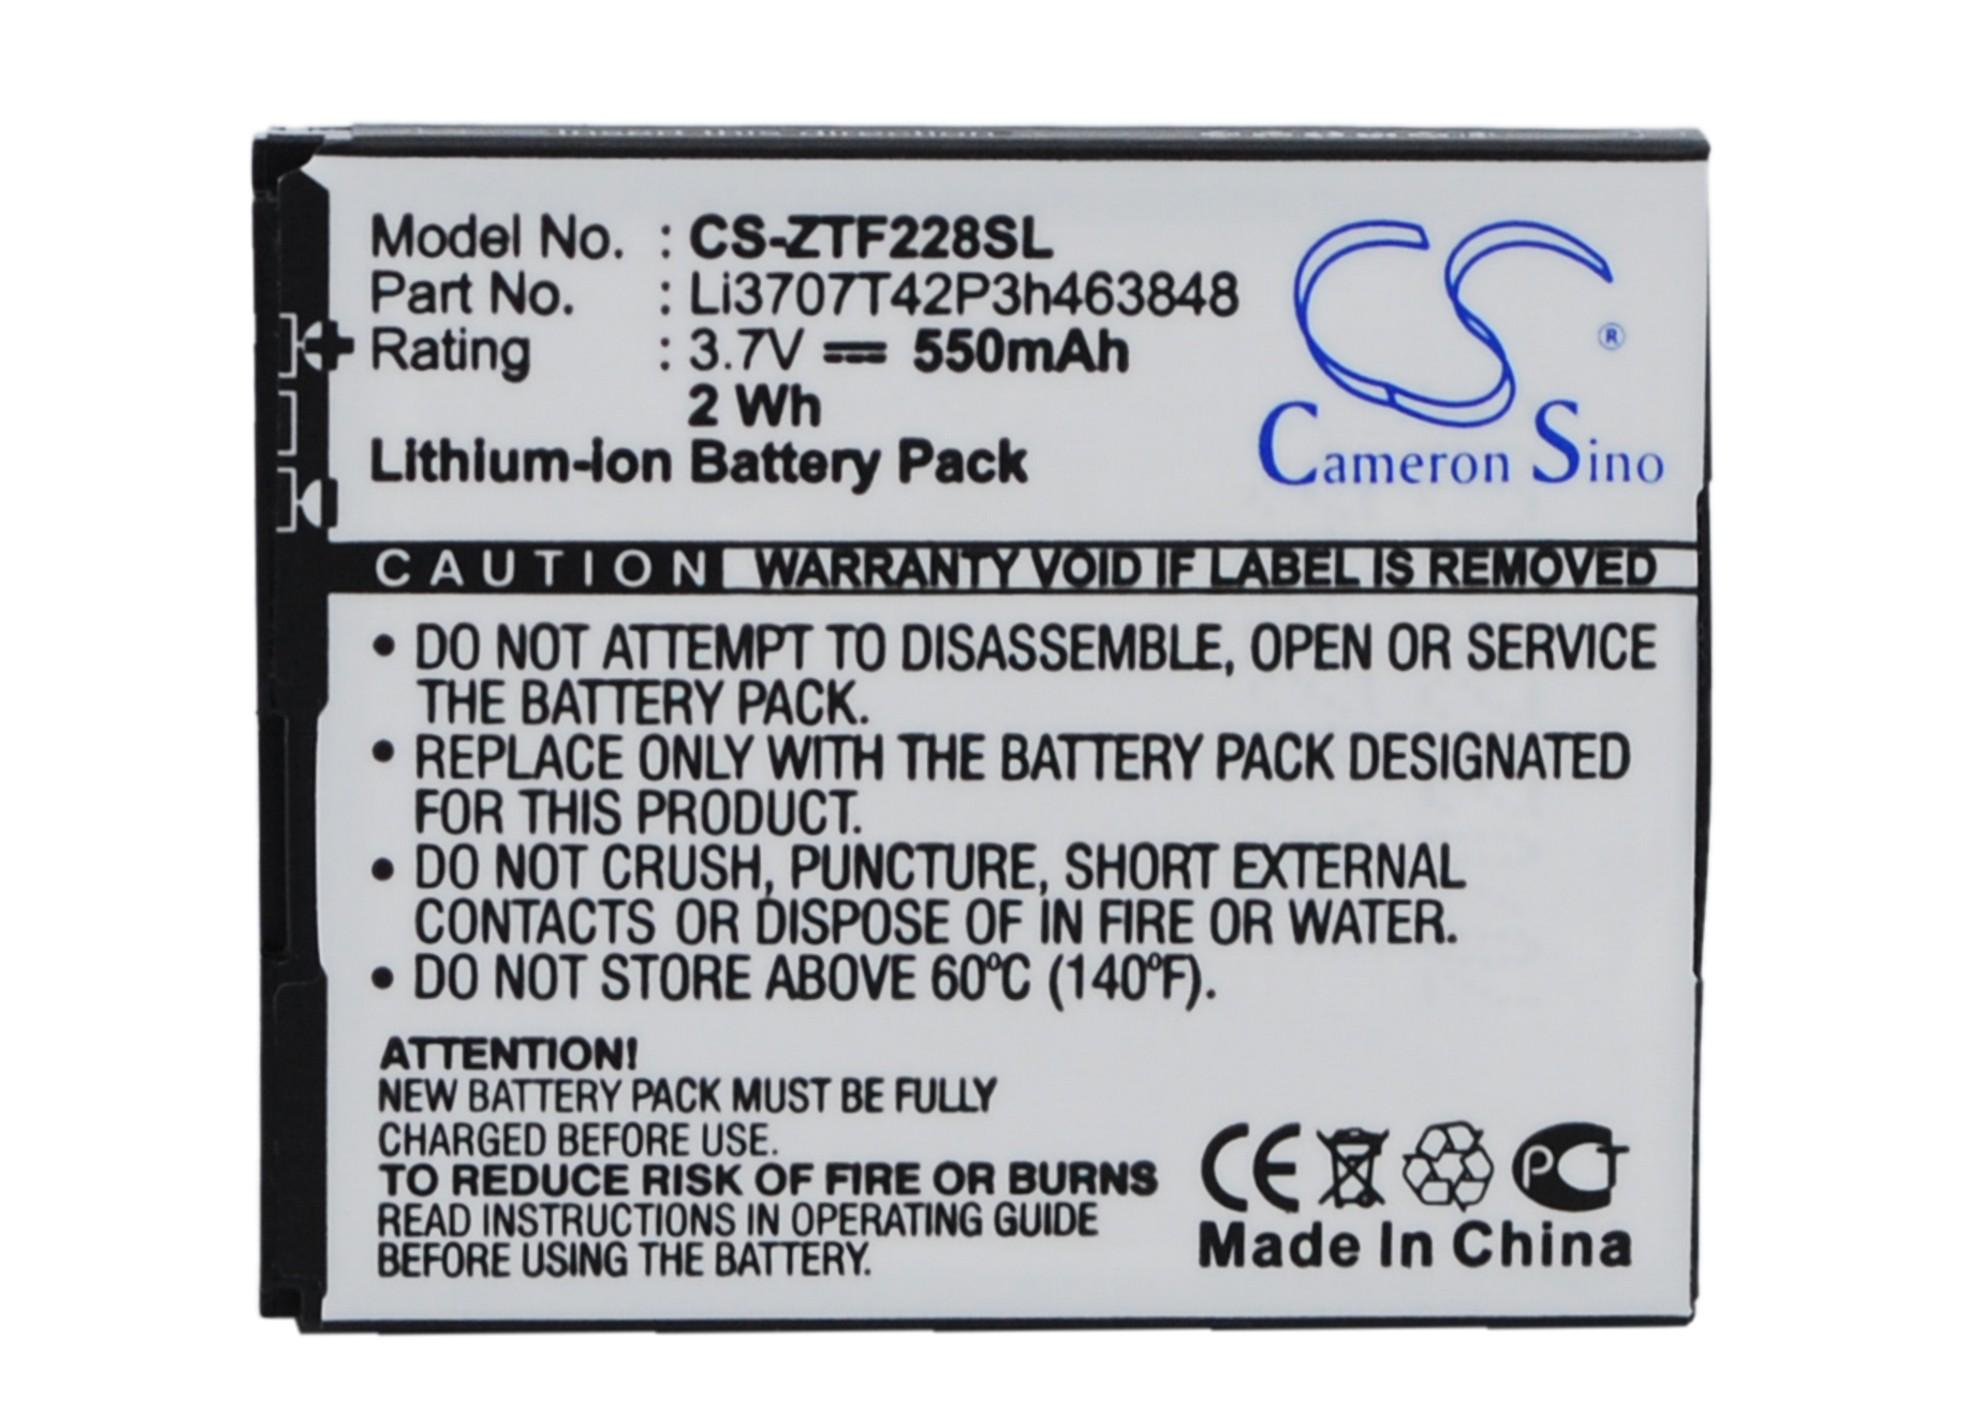 Cameron Sino baterie do mobilů pro VODAFONE 227 3.7V Li-ion 550mAh černá - neoriginální